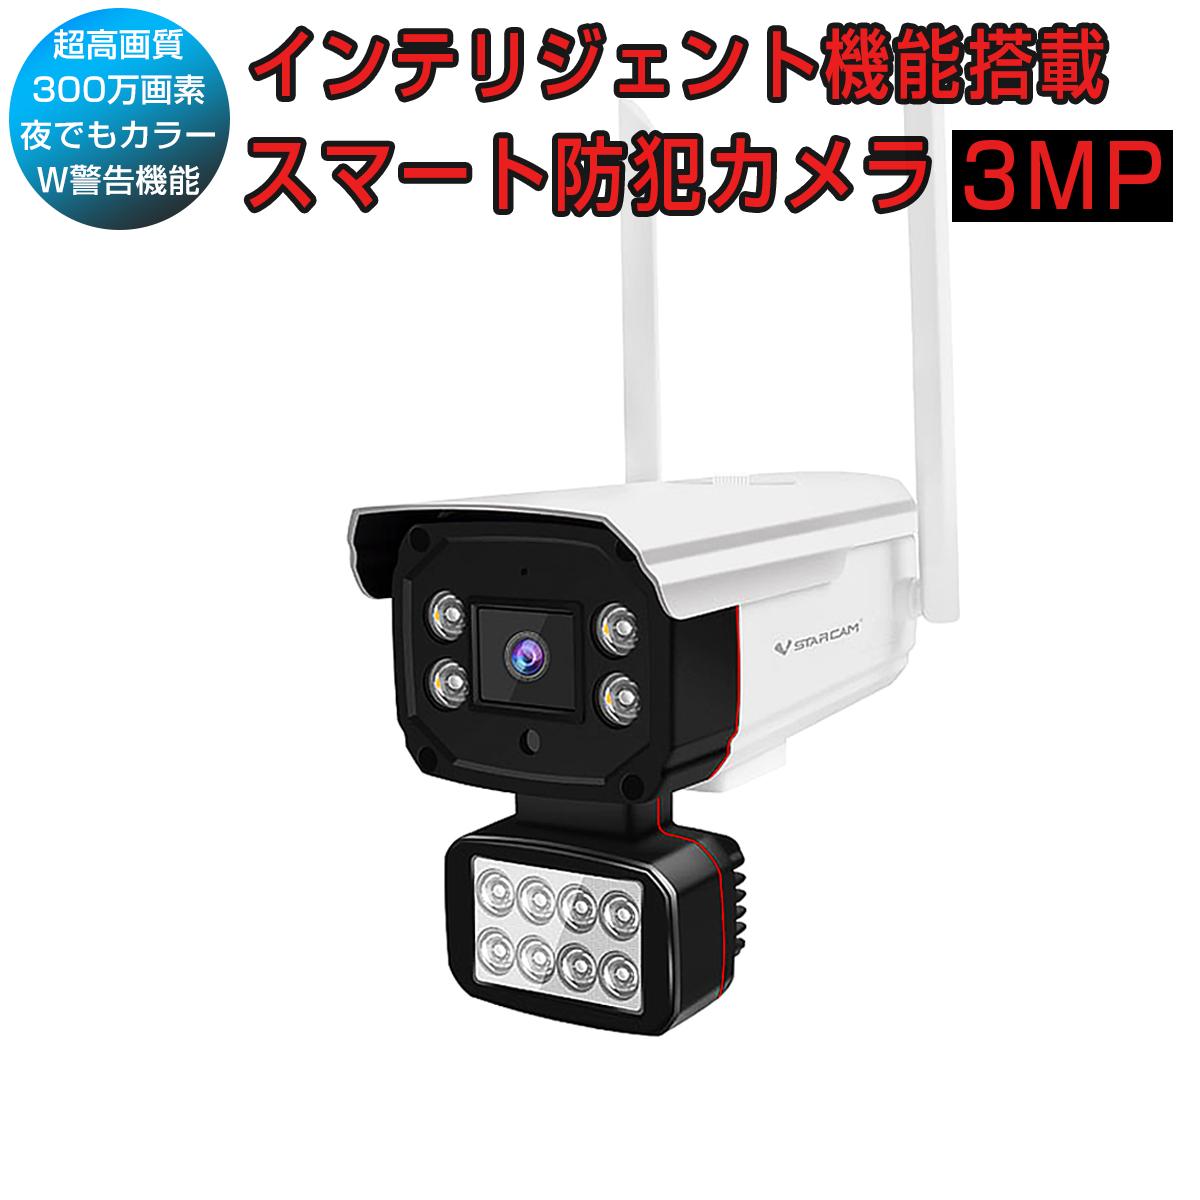 防犯カメラ ワイヤレス CS51 防犯灯タイプ 夜でもカラー録画 VStarcam 2K 1296p 300万画素 ONVIF対応 wifi 無線 MicroSDカード録画 録音 超高画質 屋内外兼用 遠隔監視 動体検知 人体検出 防犯ライトにもなる IP カメラ 宅配便送料無料 PSE 技適 6ヶ月保証